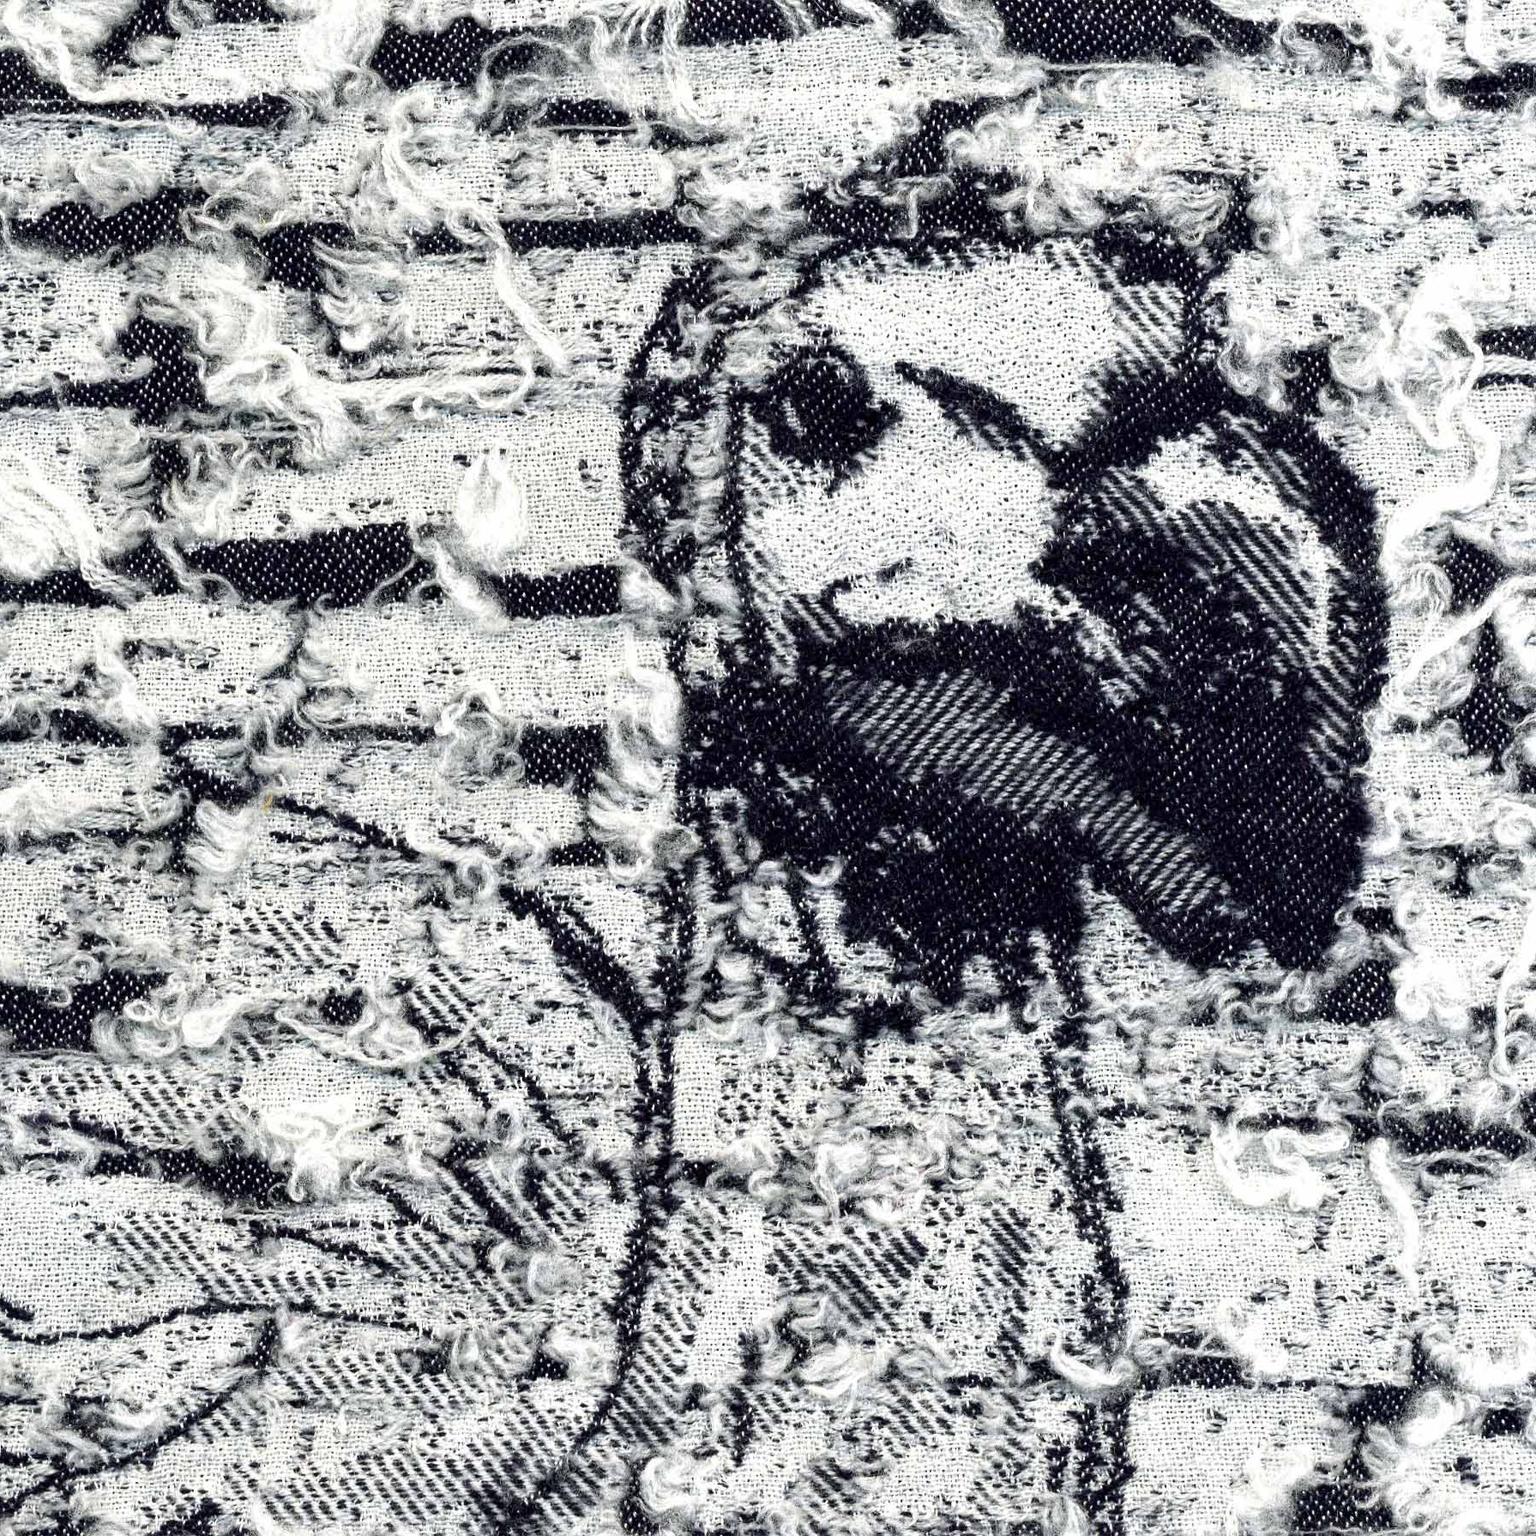 Copy of Copy of Copy of Dodo, Raphus cucullatus